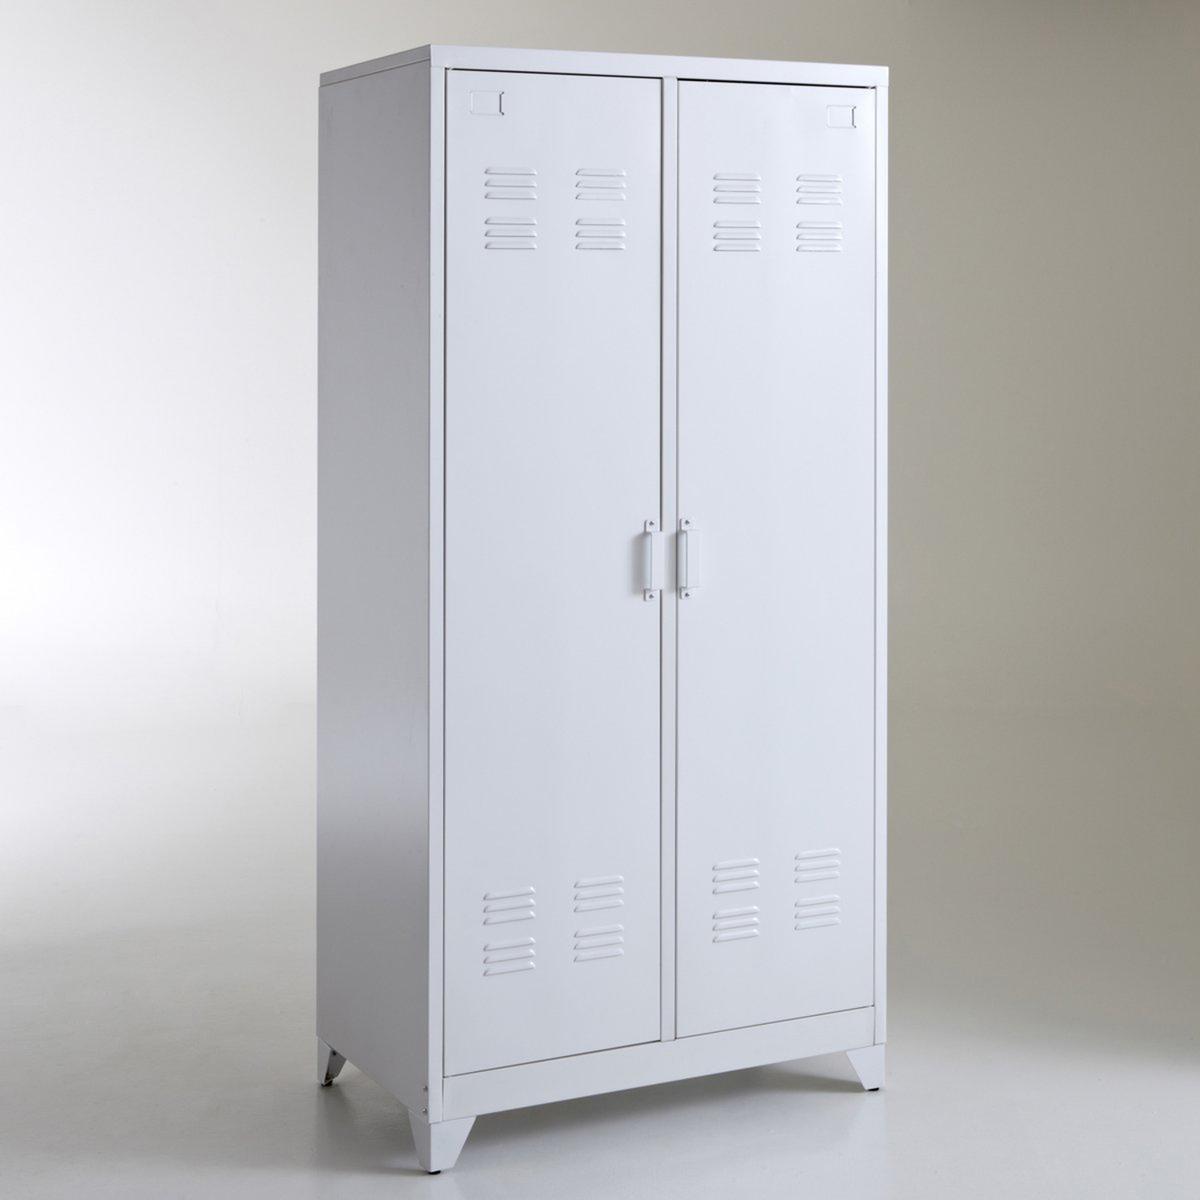 Шкаф для вещей с 2 дверцами из металла, Hiba